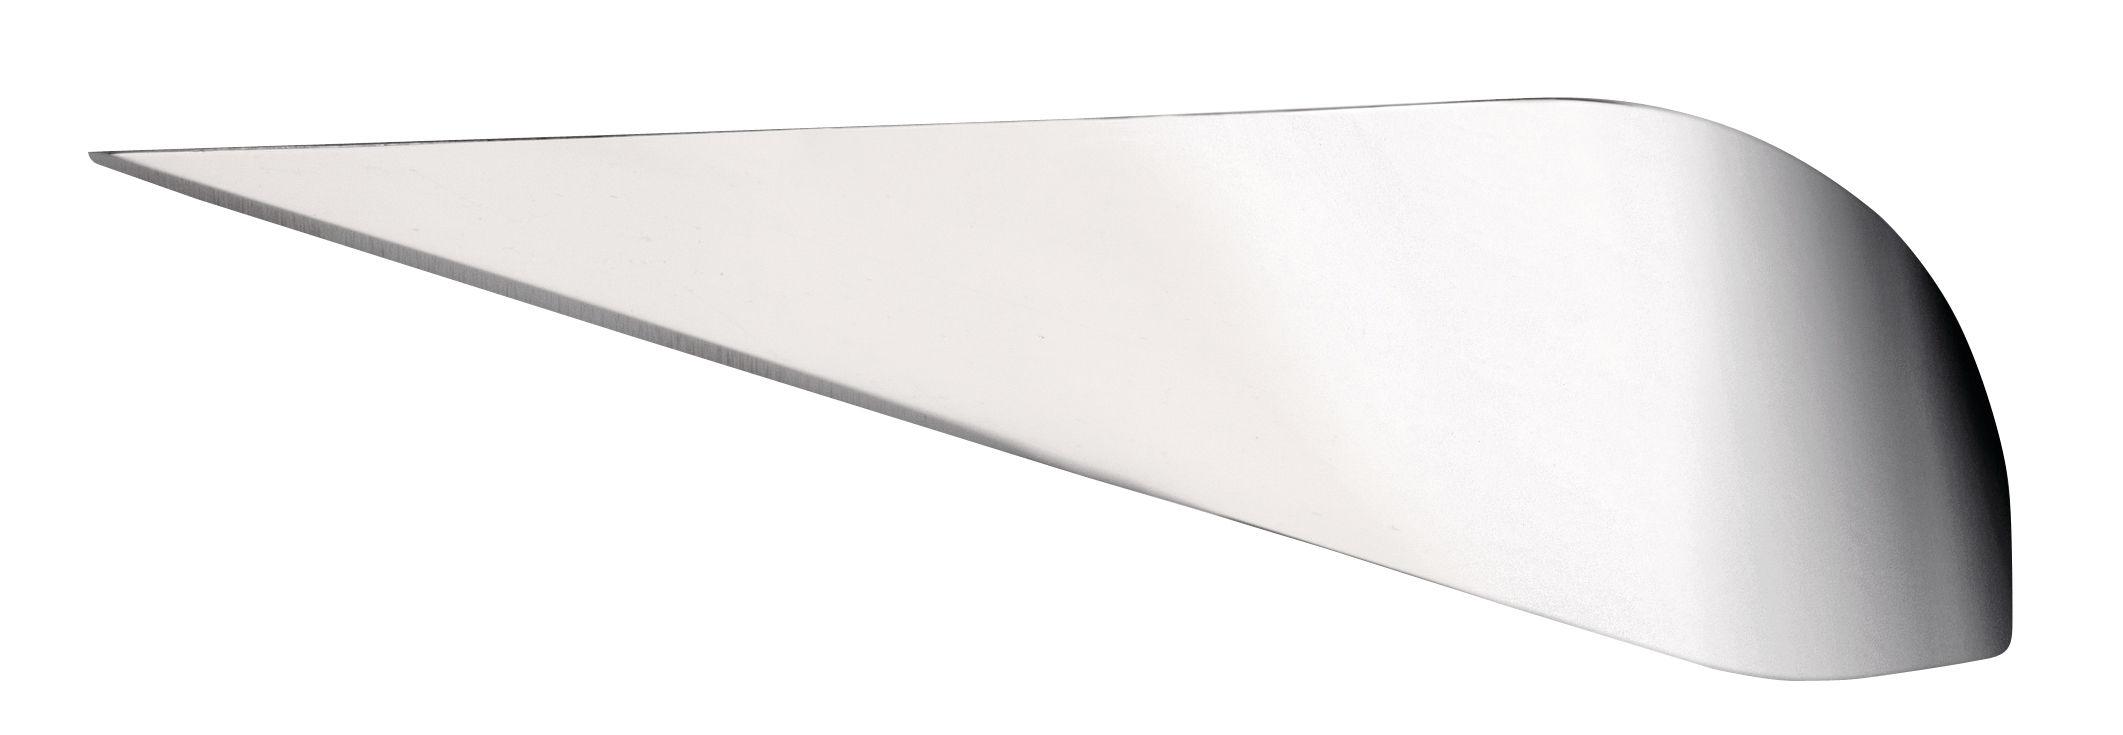 Küche - Küchenmesser - Antechinus Käsemesser - Alessi - Stahl - Stahl AISI 420, glänzend